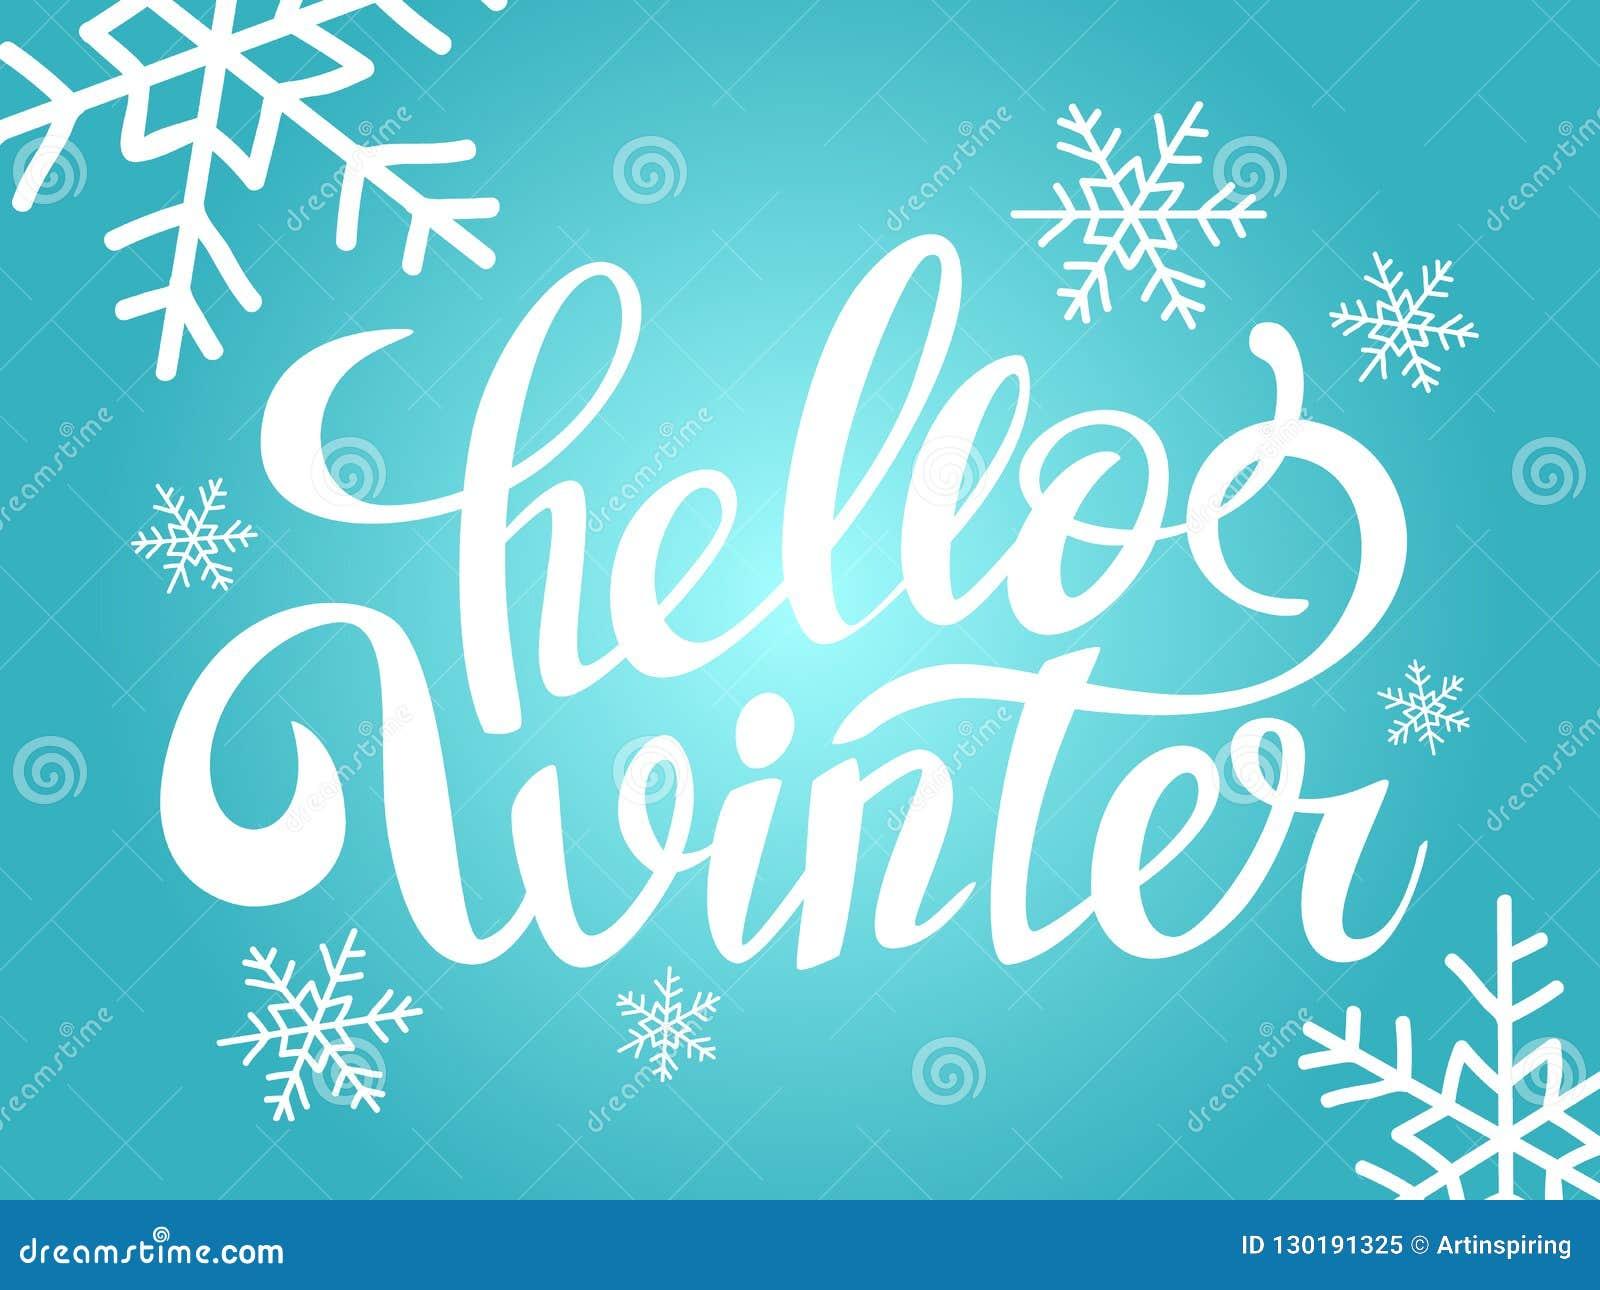 Ongekend Hello-de Winter Die Met De Hand Geschreven Teksten Van Letters WL-61